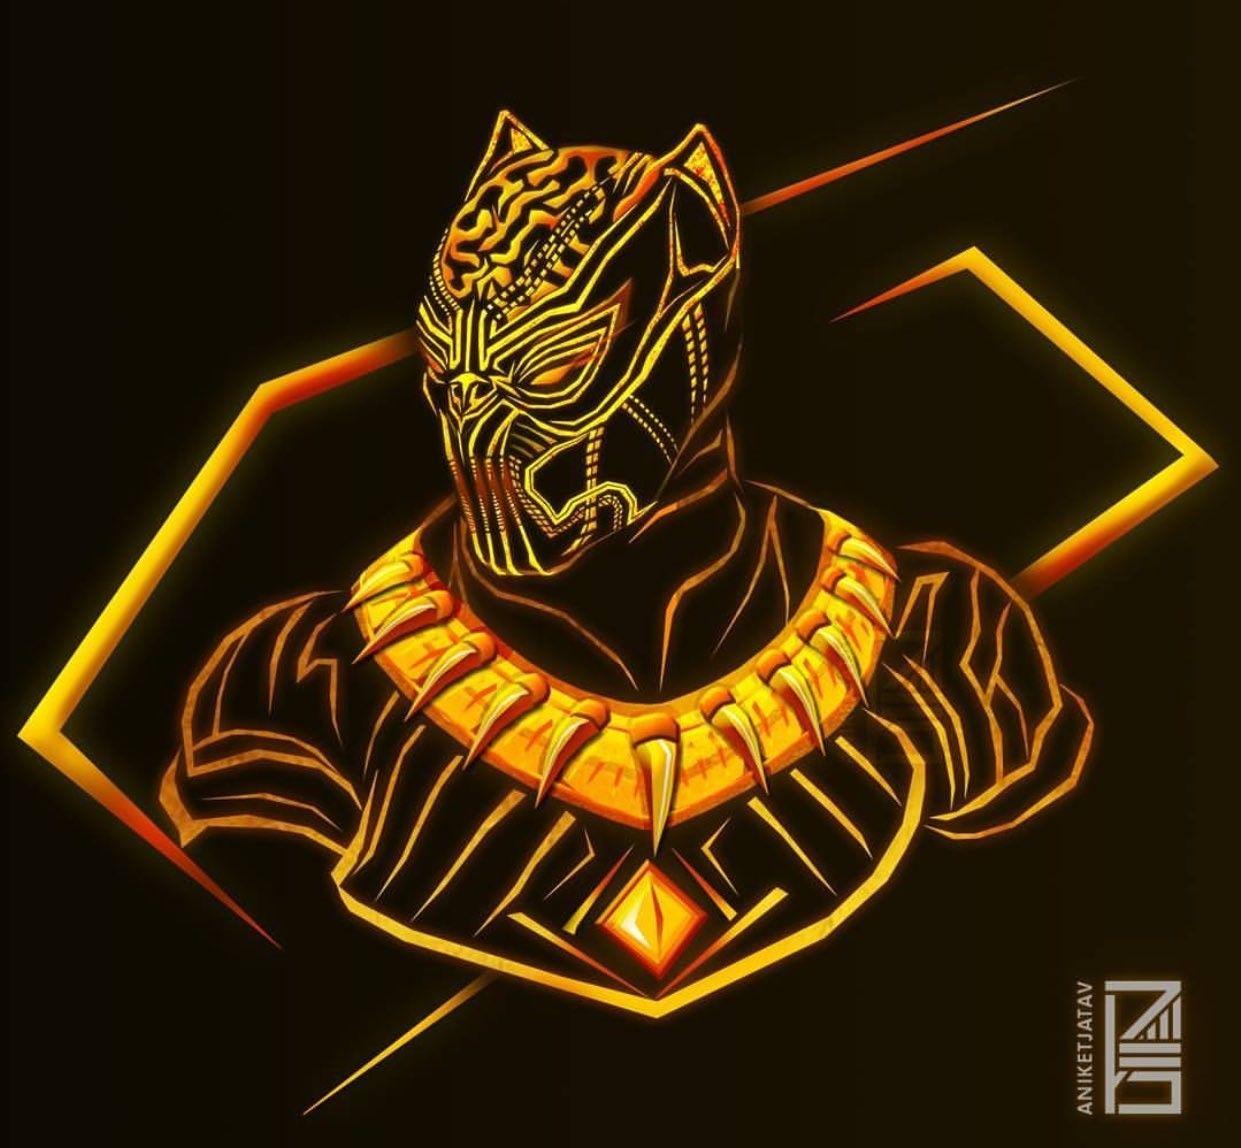 16+ Black Panther Gold Wallpapers on WallpaperSafari